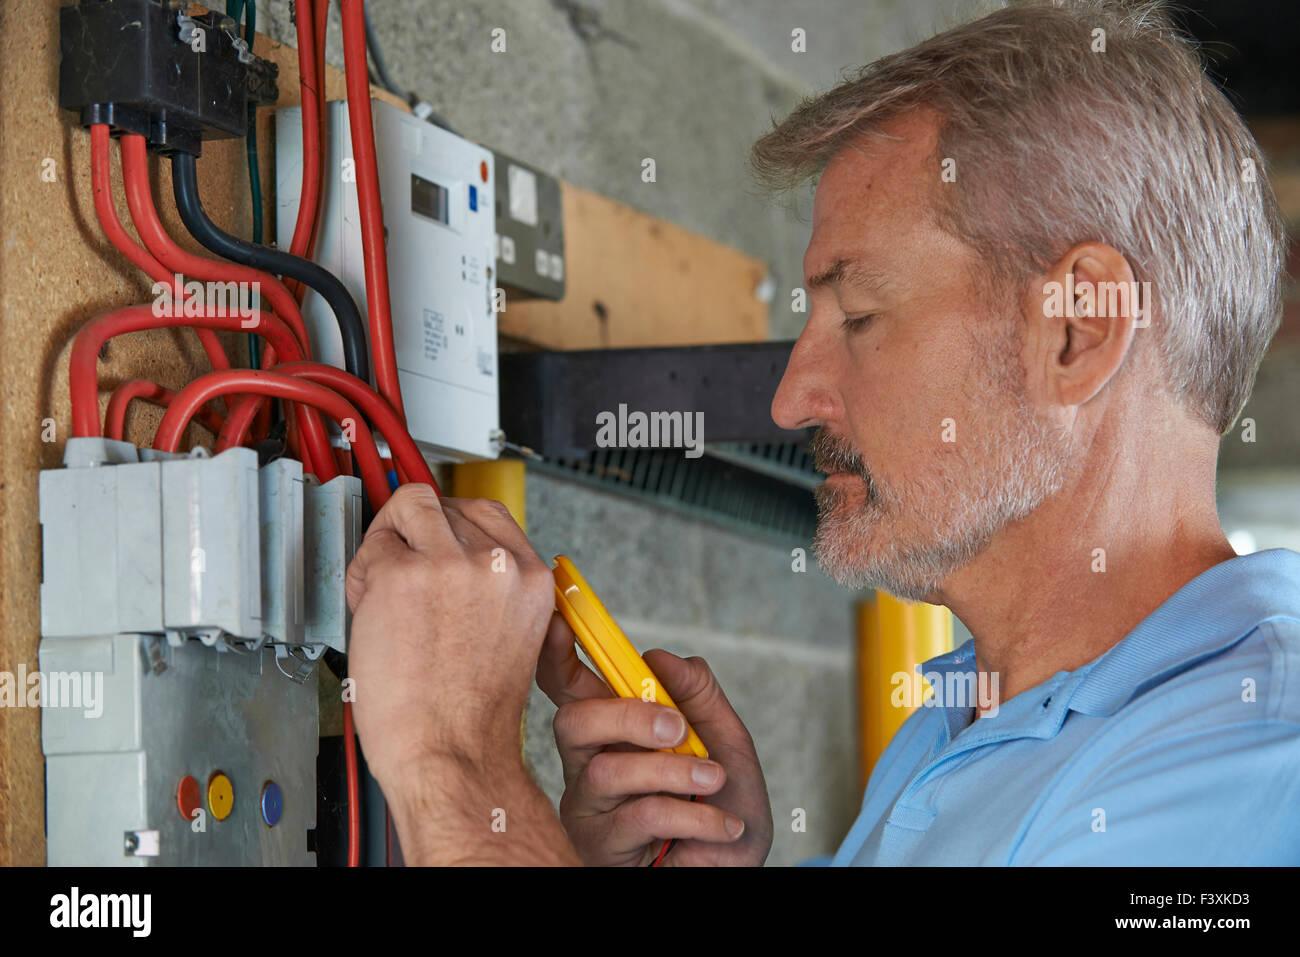 Elektriker testen Power Supply bei Fuse board Stockbild